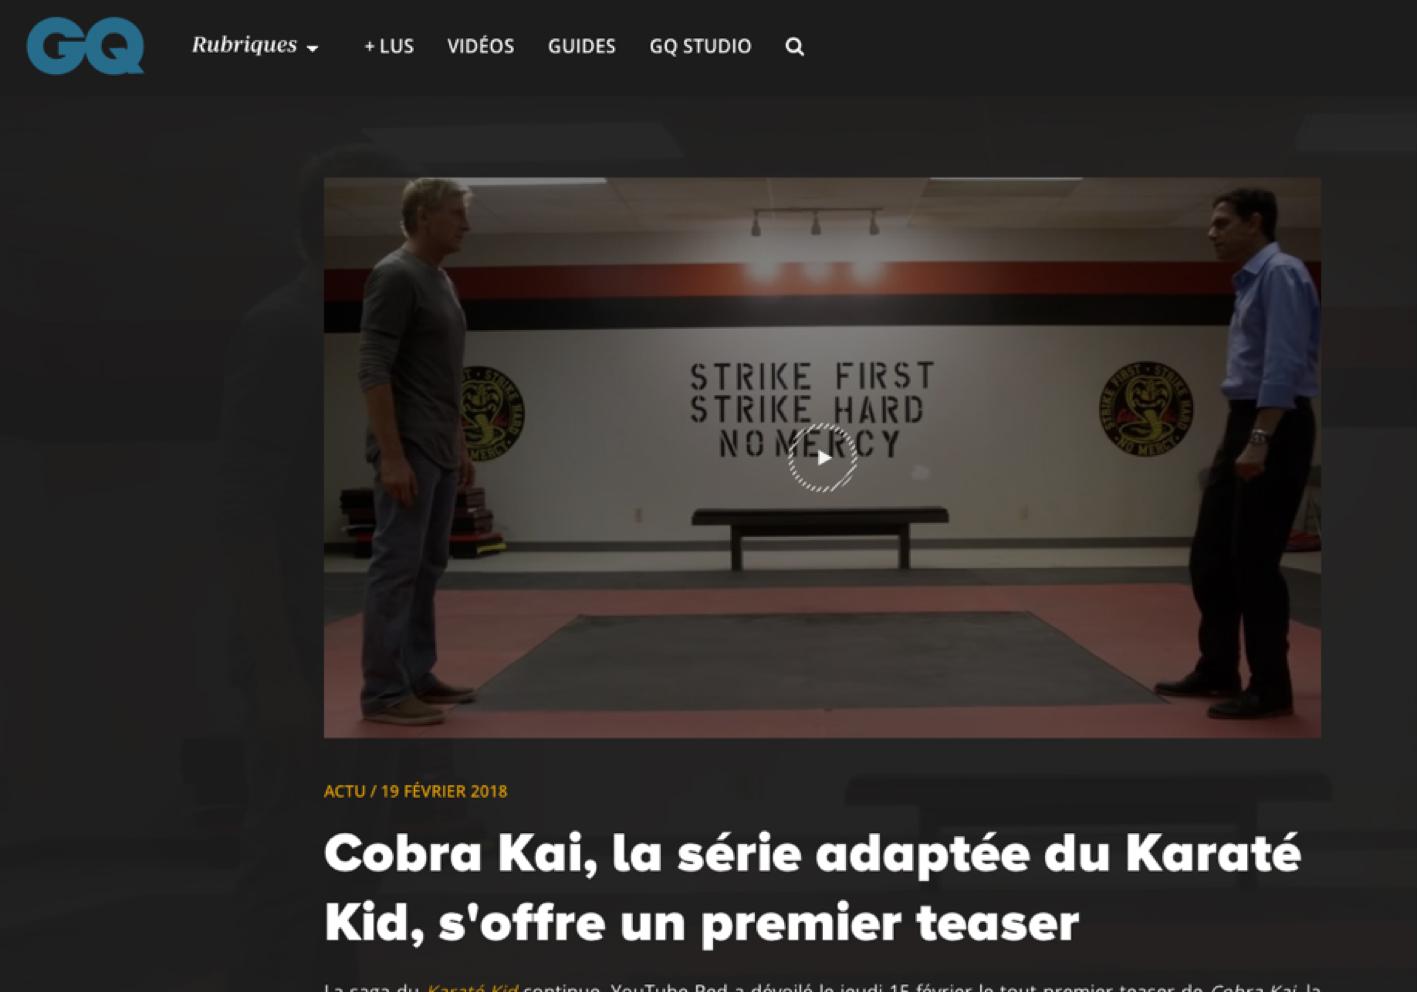 COBRA KAI 500*350 OF